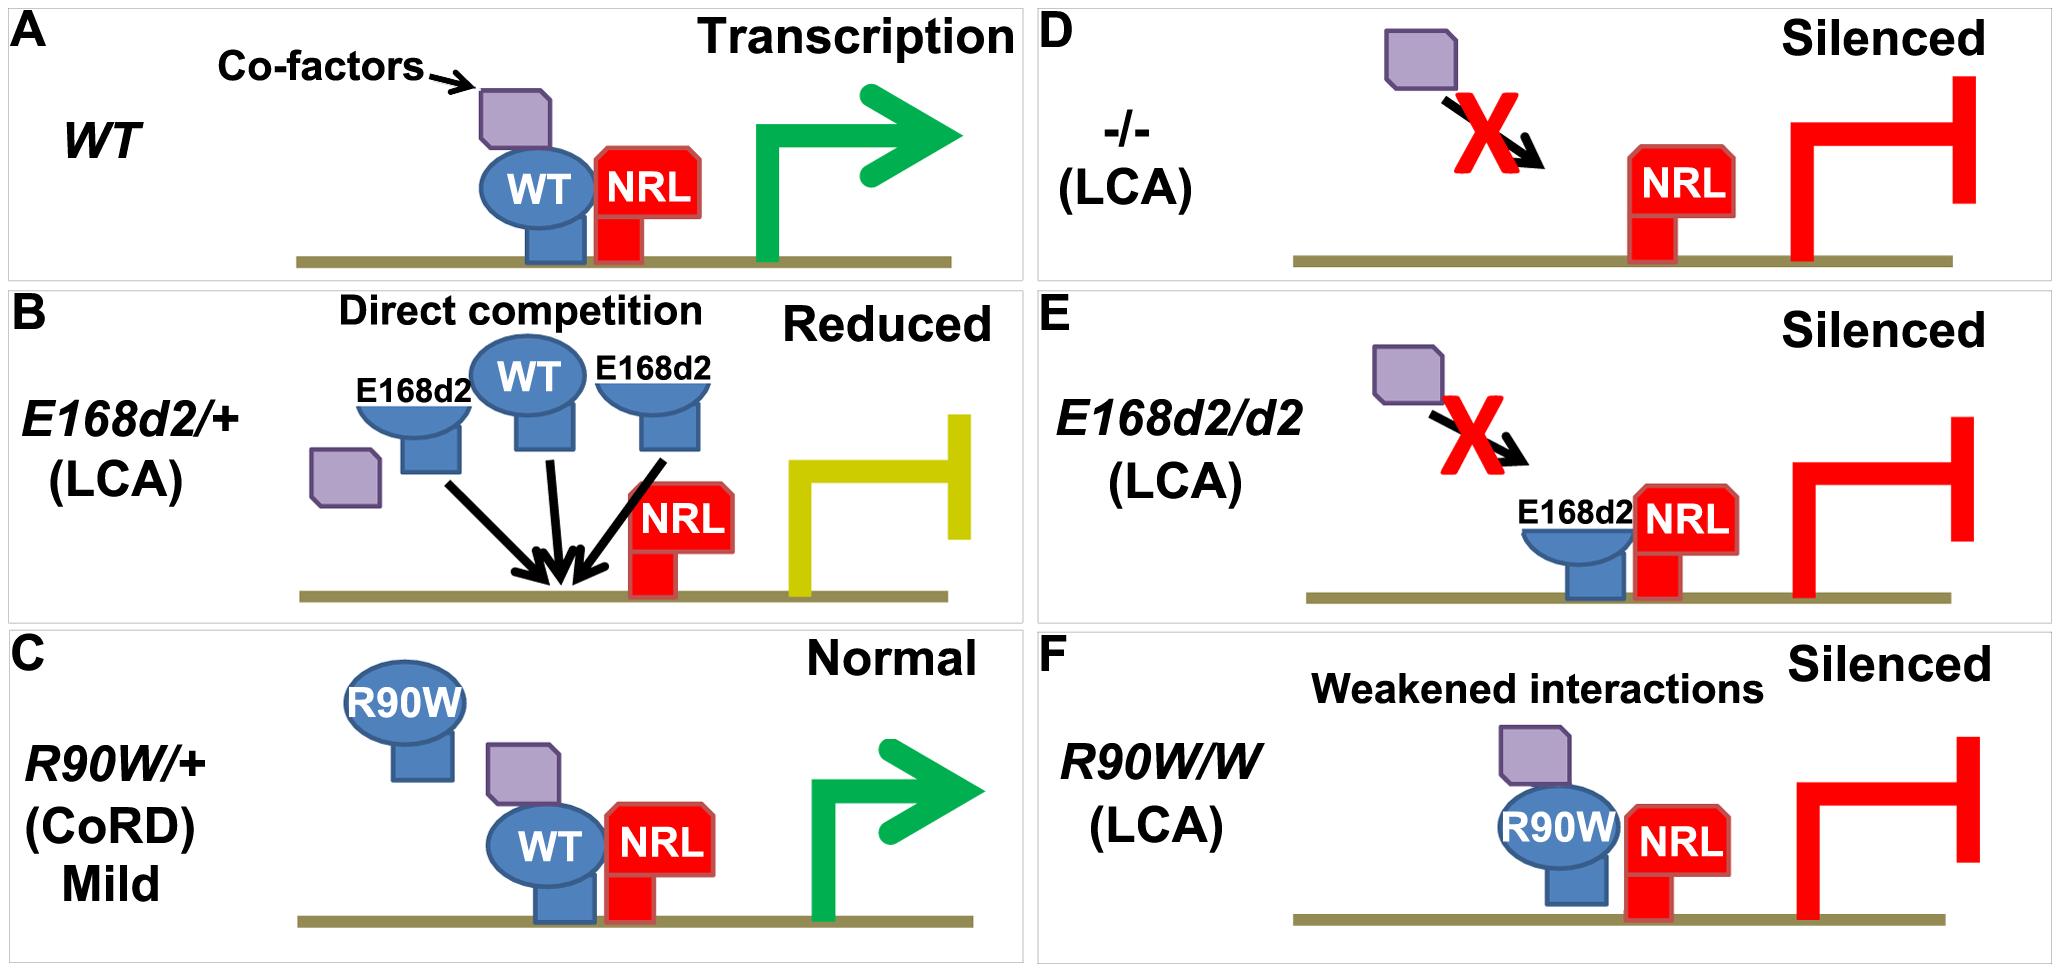 Models for CRX<sup>[E168d2]</sup> and CRX<sup>[R90W]</sup> mechanisms of pathogenesis in <i>K-IN</i> mice.